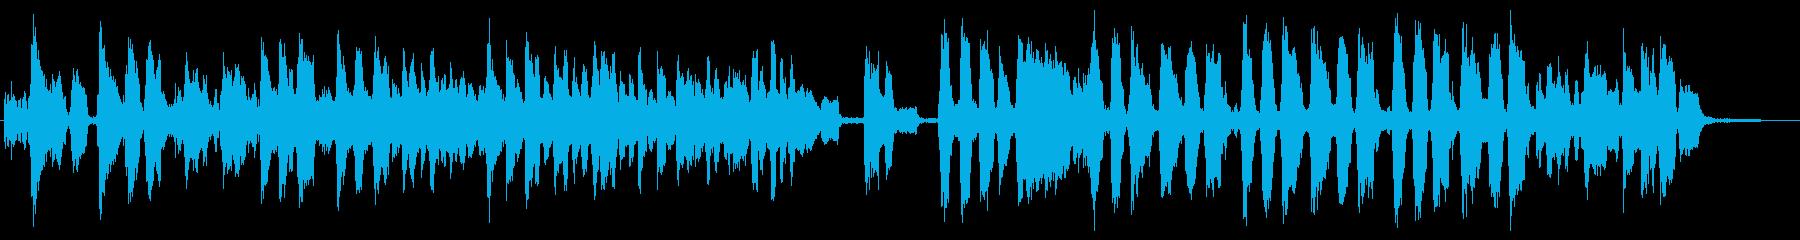 ハンバーガーをテーマにした楽曲の再生済みの波形